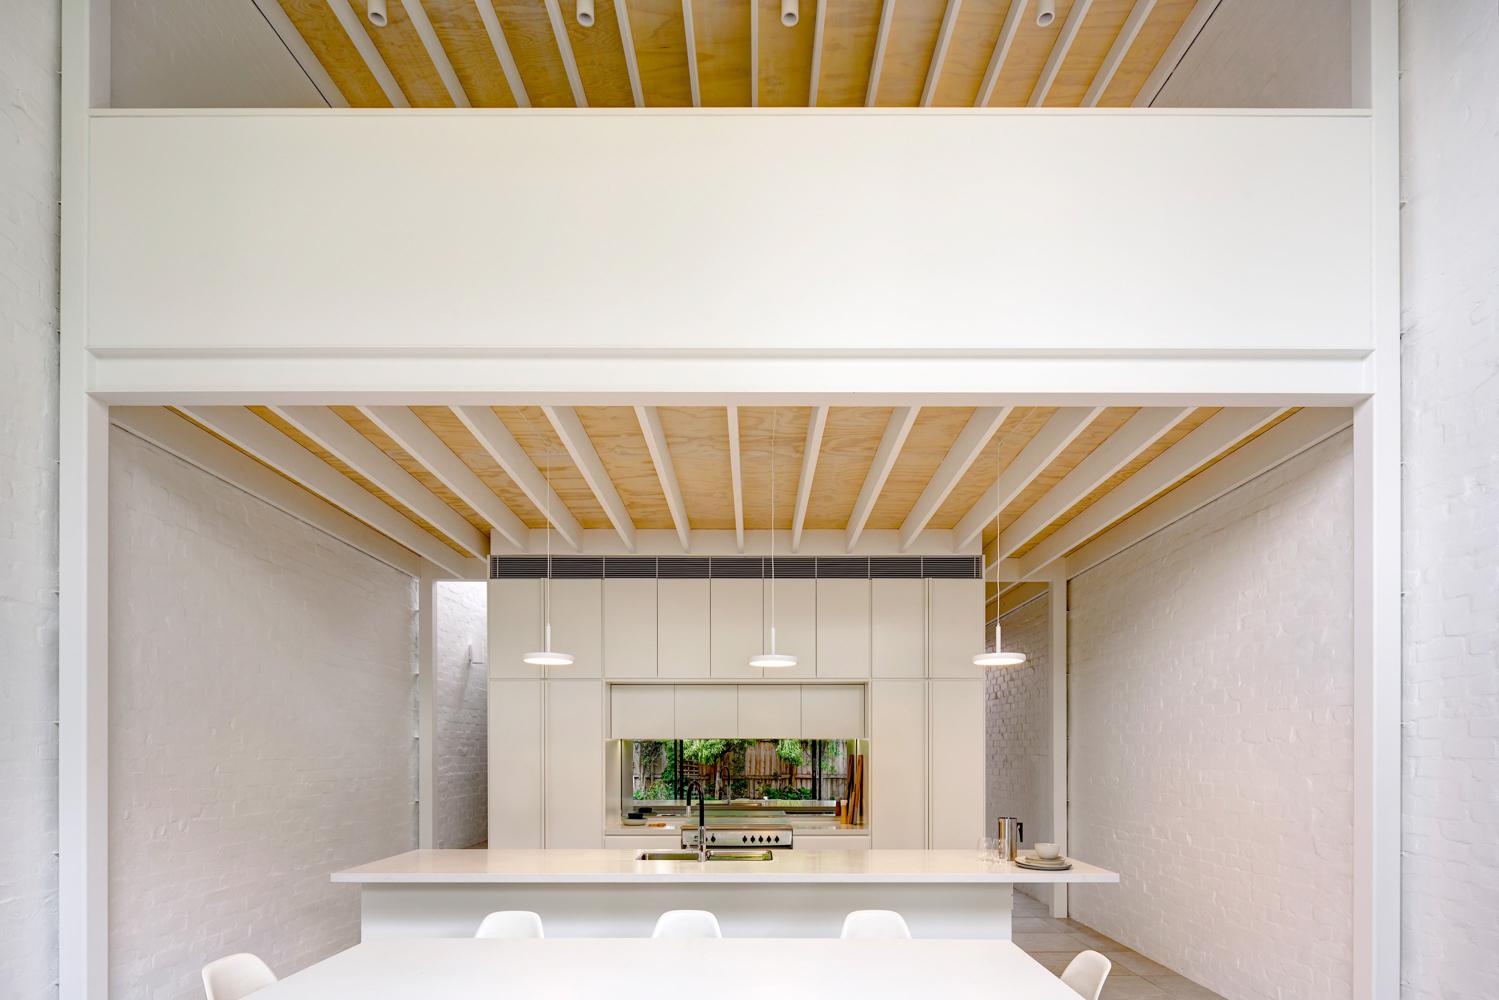 brick-aperture-house-kreis-grennan-architecture-the-design-emotive-07.jpg